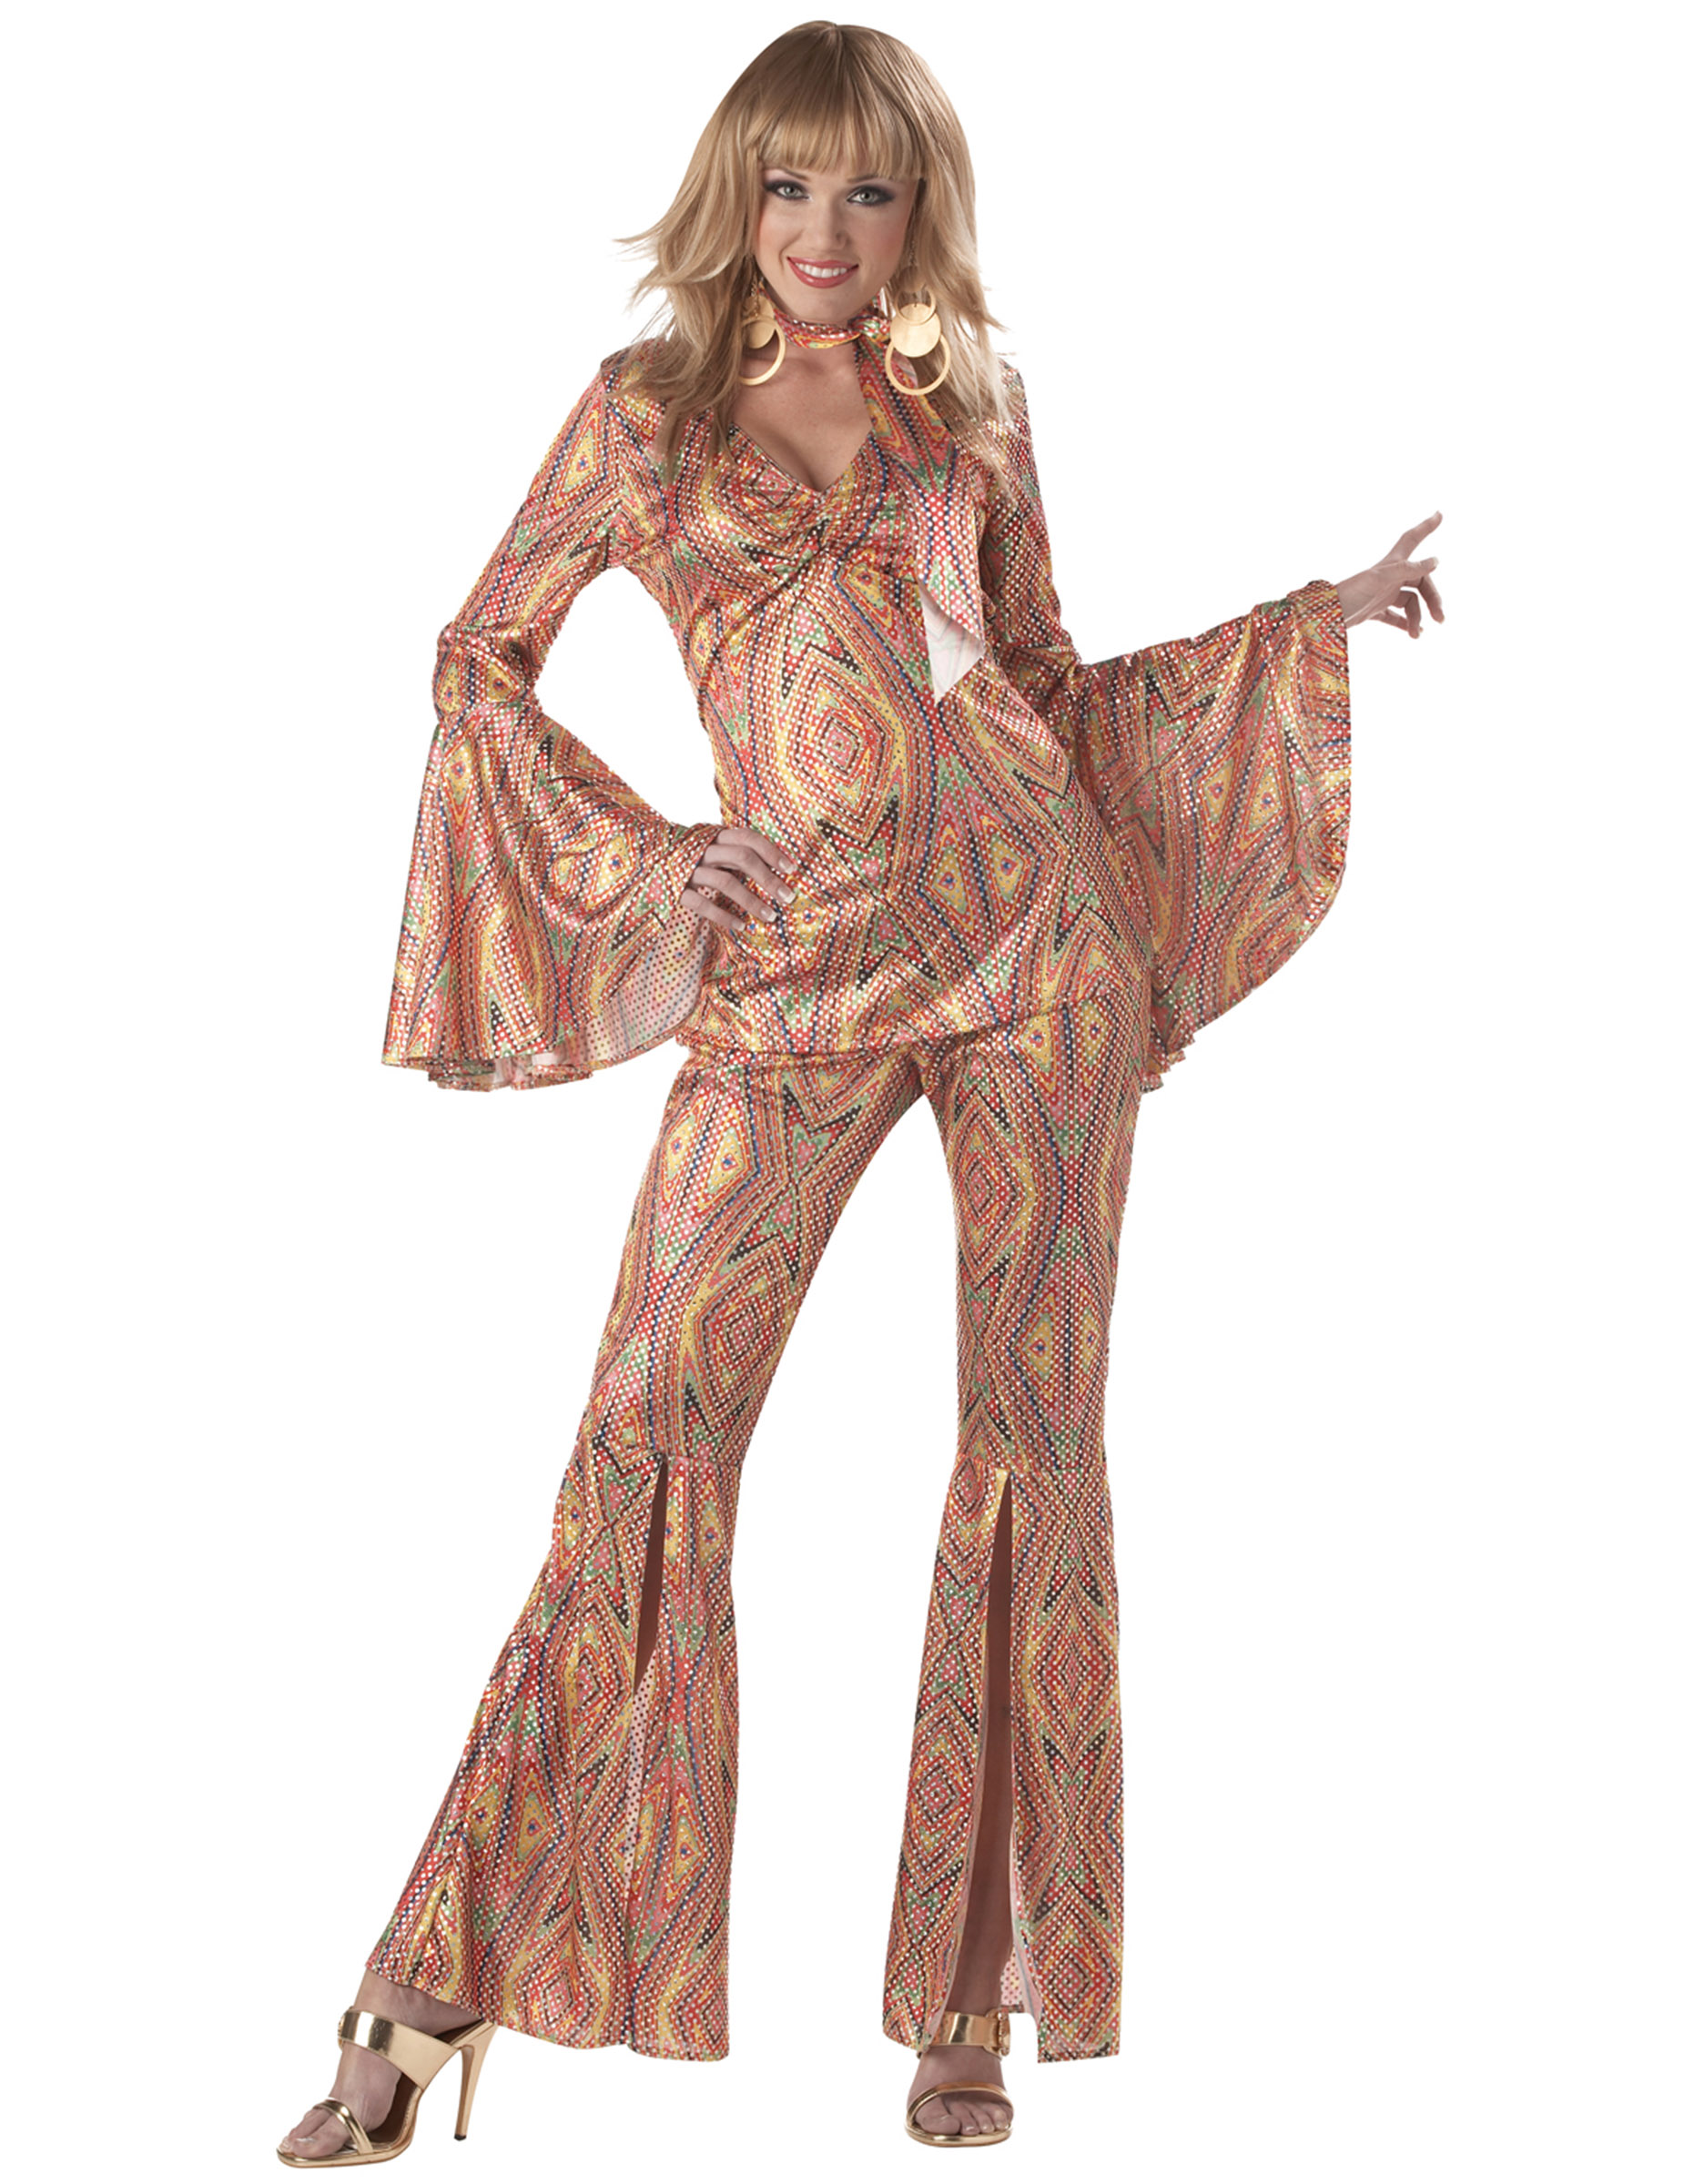 prezzo basso fabbrica negozio online Costume Disco anni '70 da donna su VegaooParty, negozio di articoli per  feste